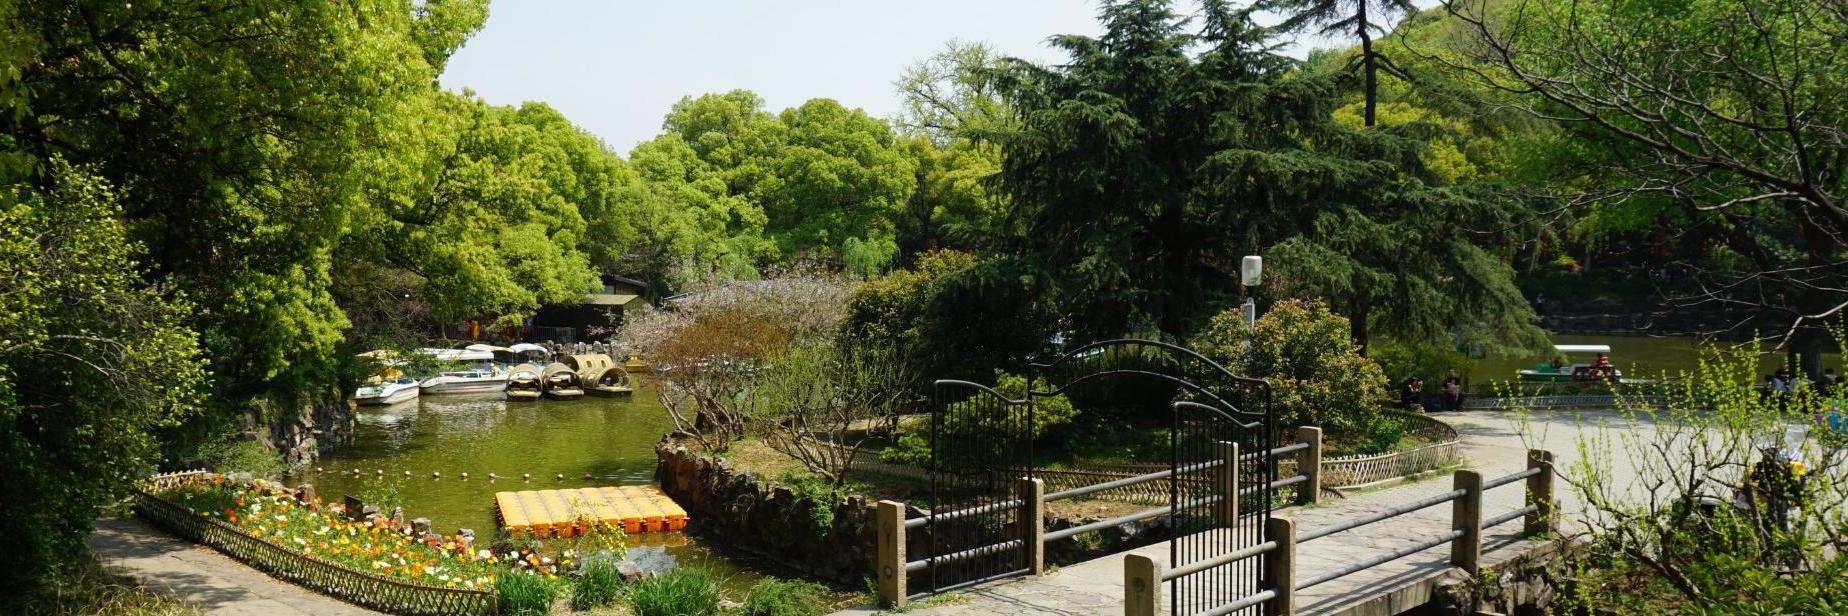 游览惠山古镇,感受古镇的宁静,享受着古镇空气的清新